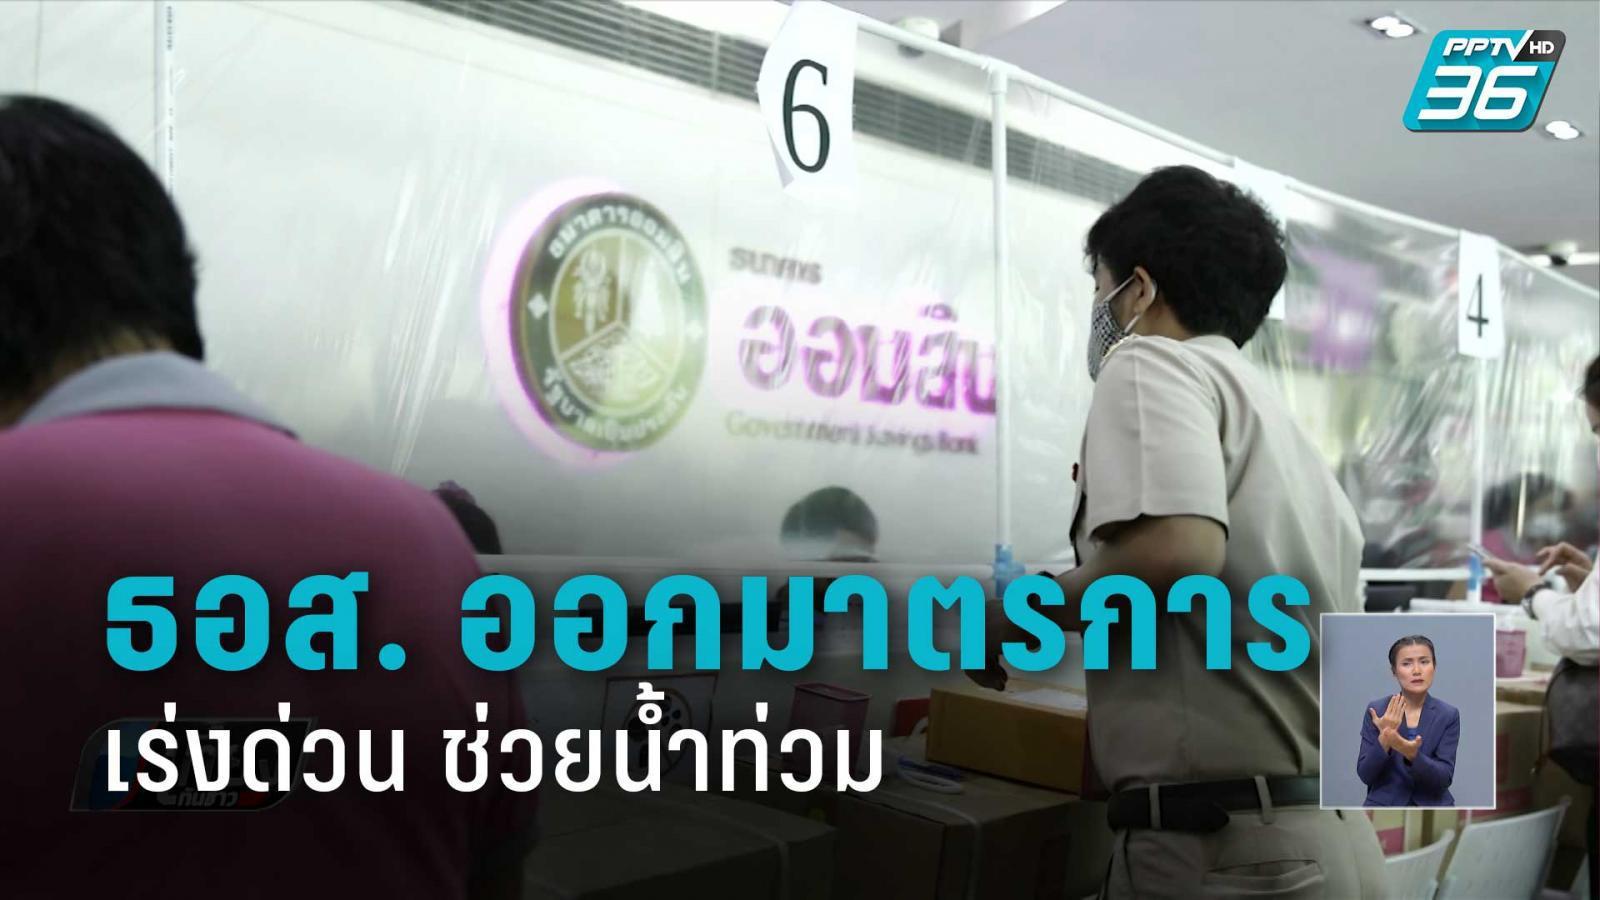 ธอส. ออก 7 มาตรการ ช่วยเหลือผู้ที่ได้รับผลกระทบน้ำท่วม